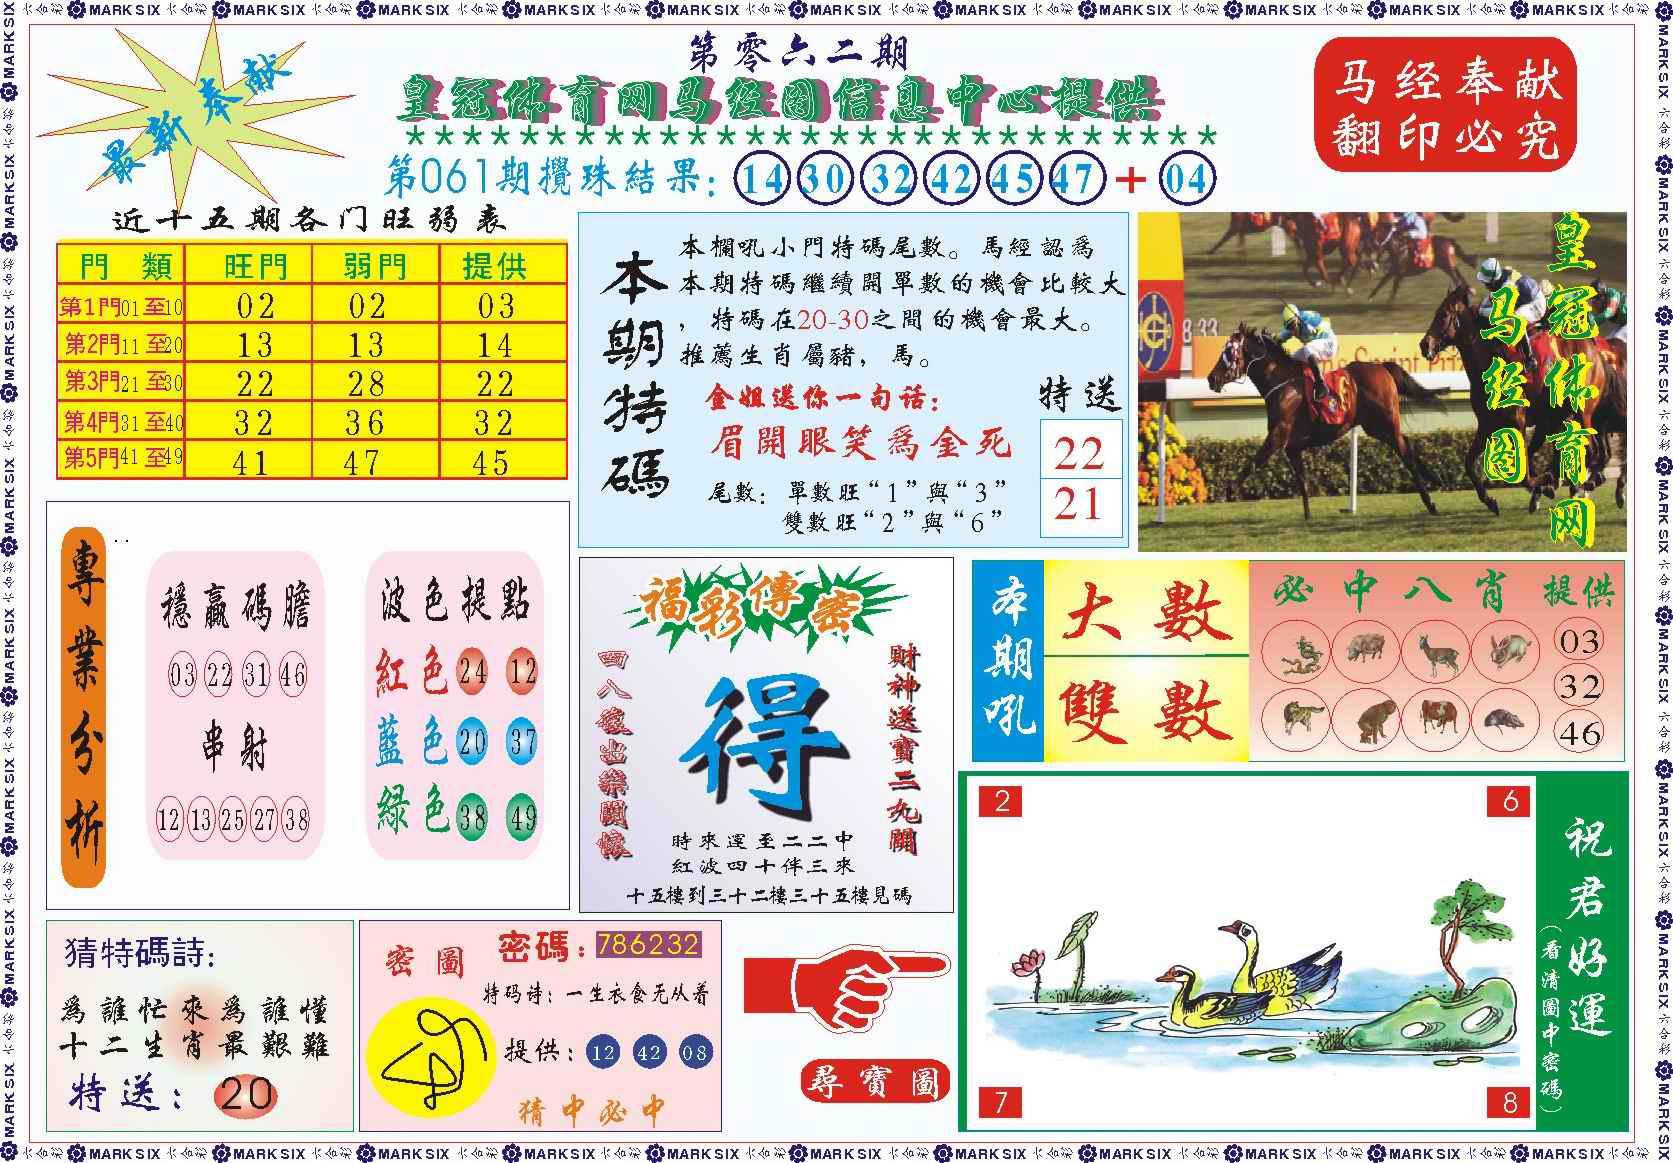 062期皇冠体育网马经图记录